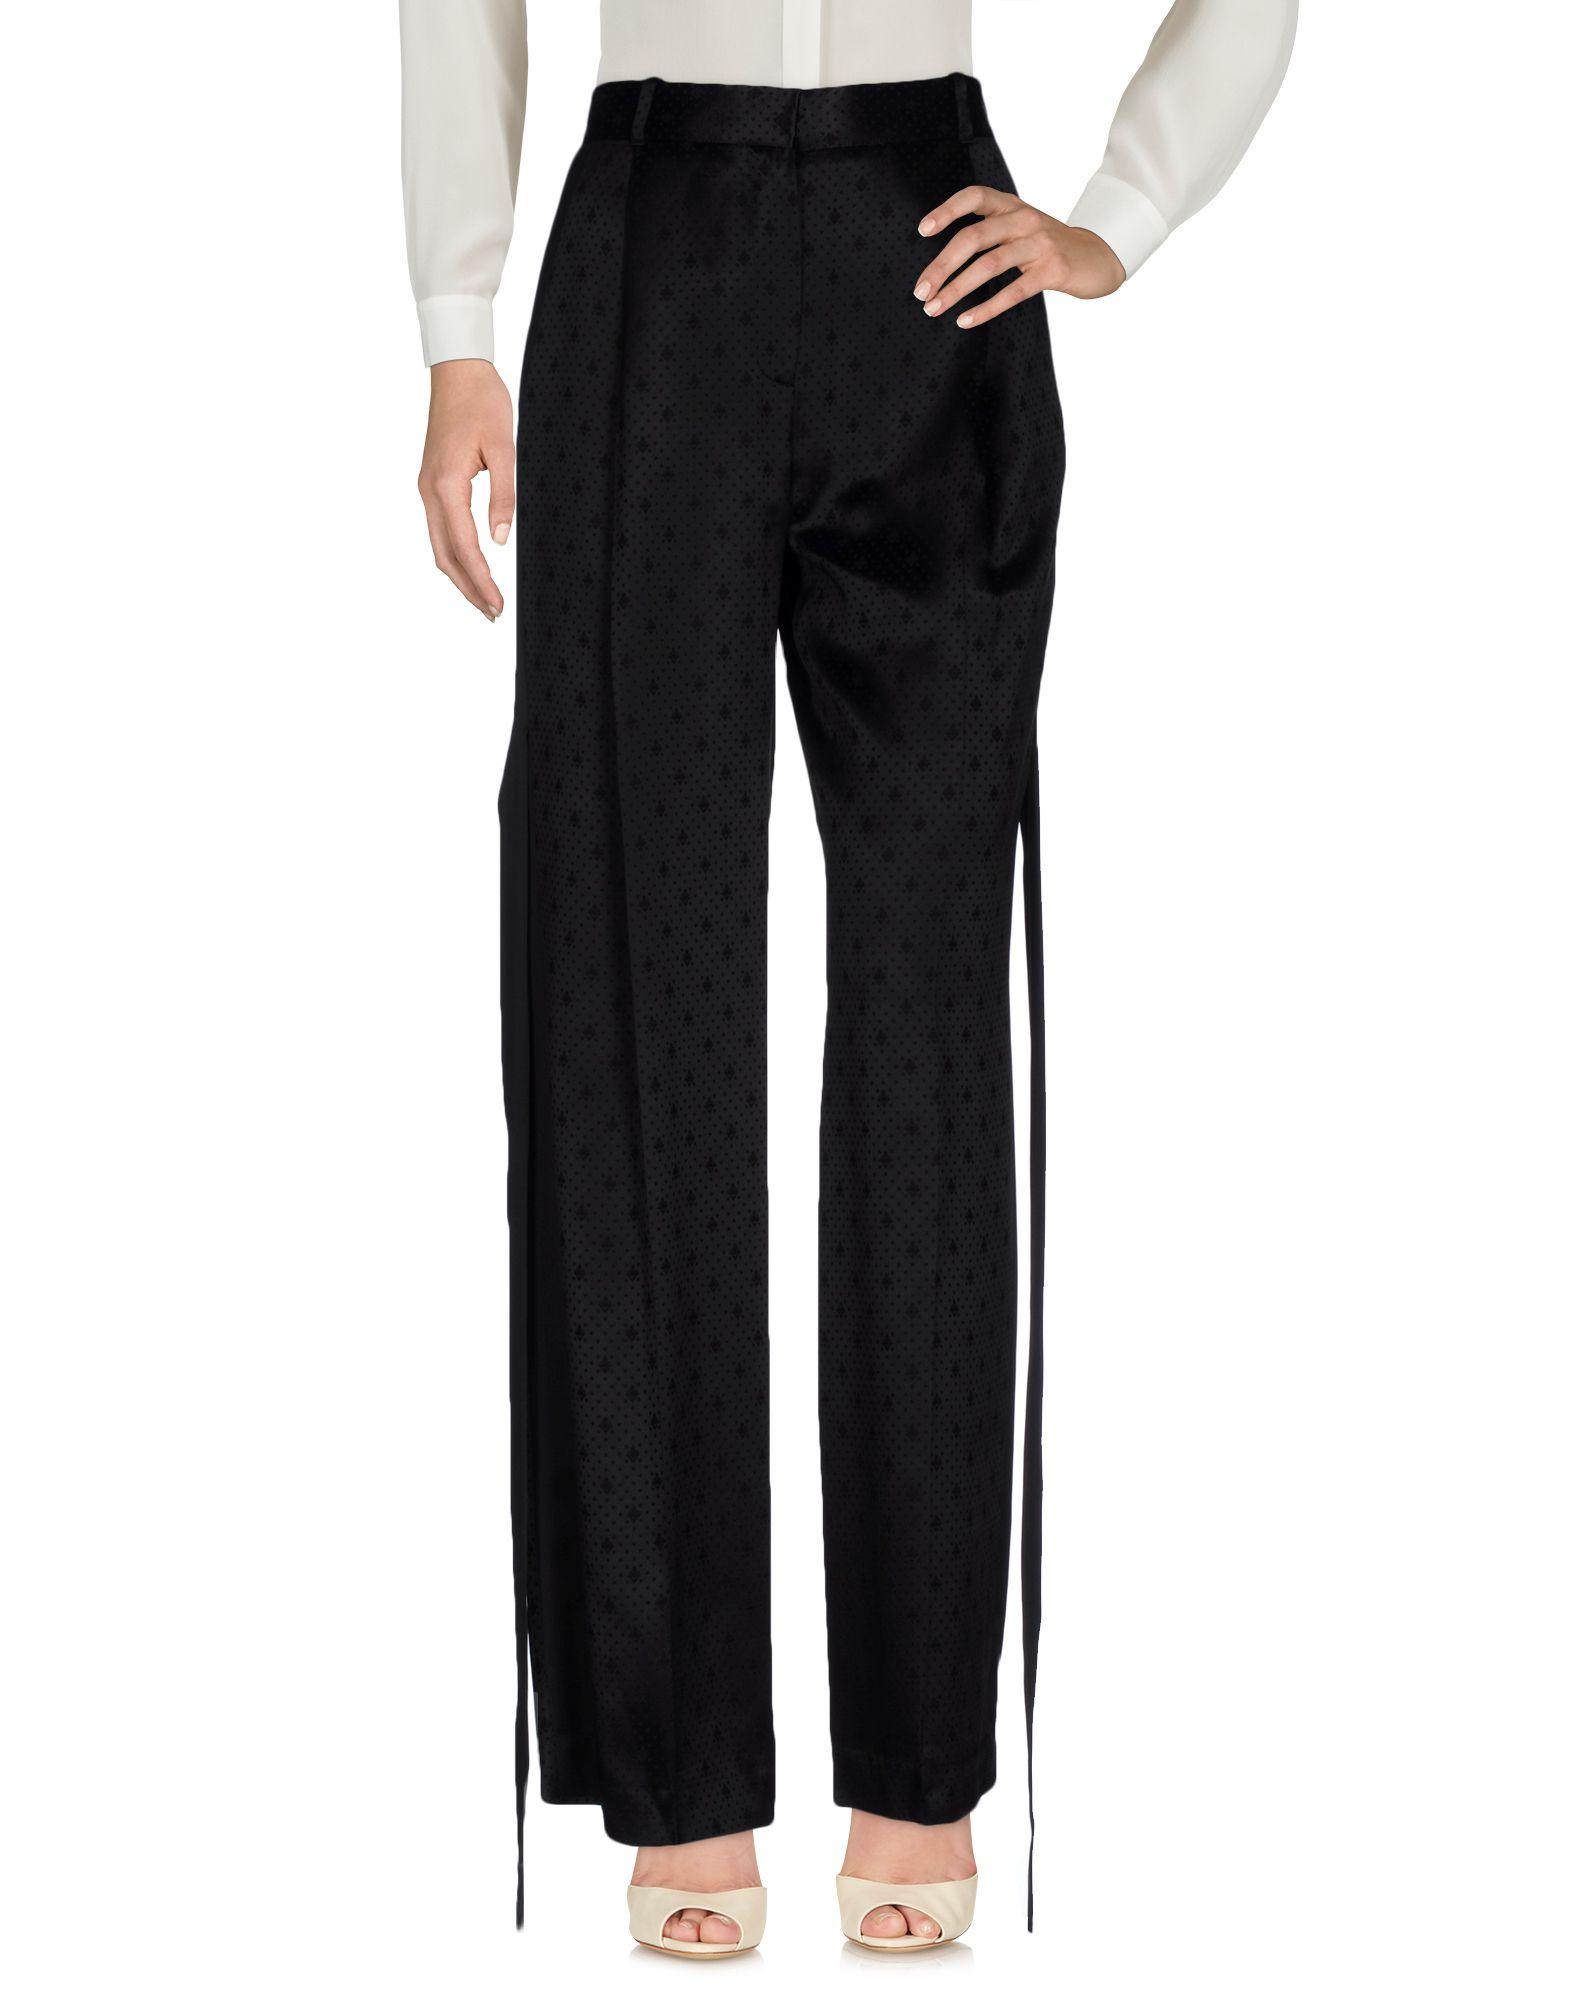 GIVENCHY Damen Hose Farbe Schwarz Größe 5 - broschei